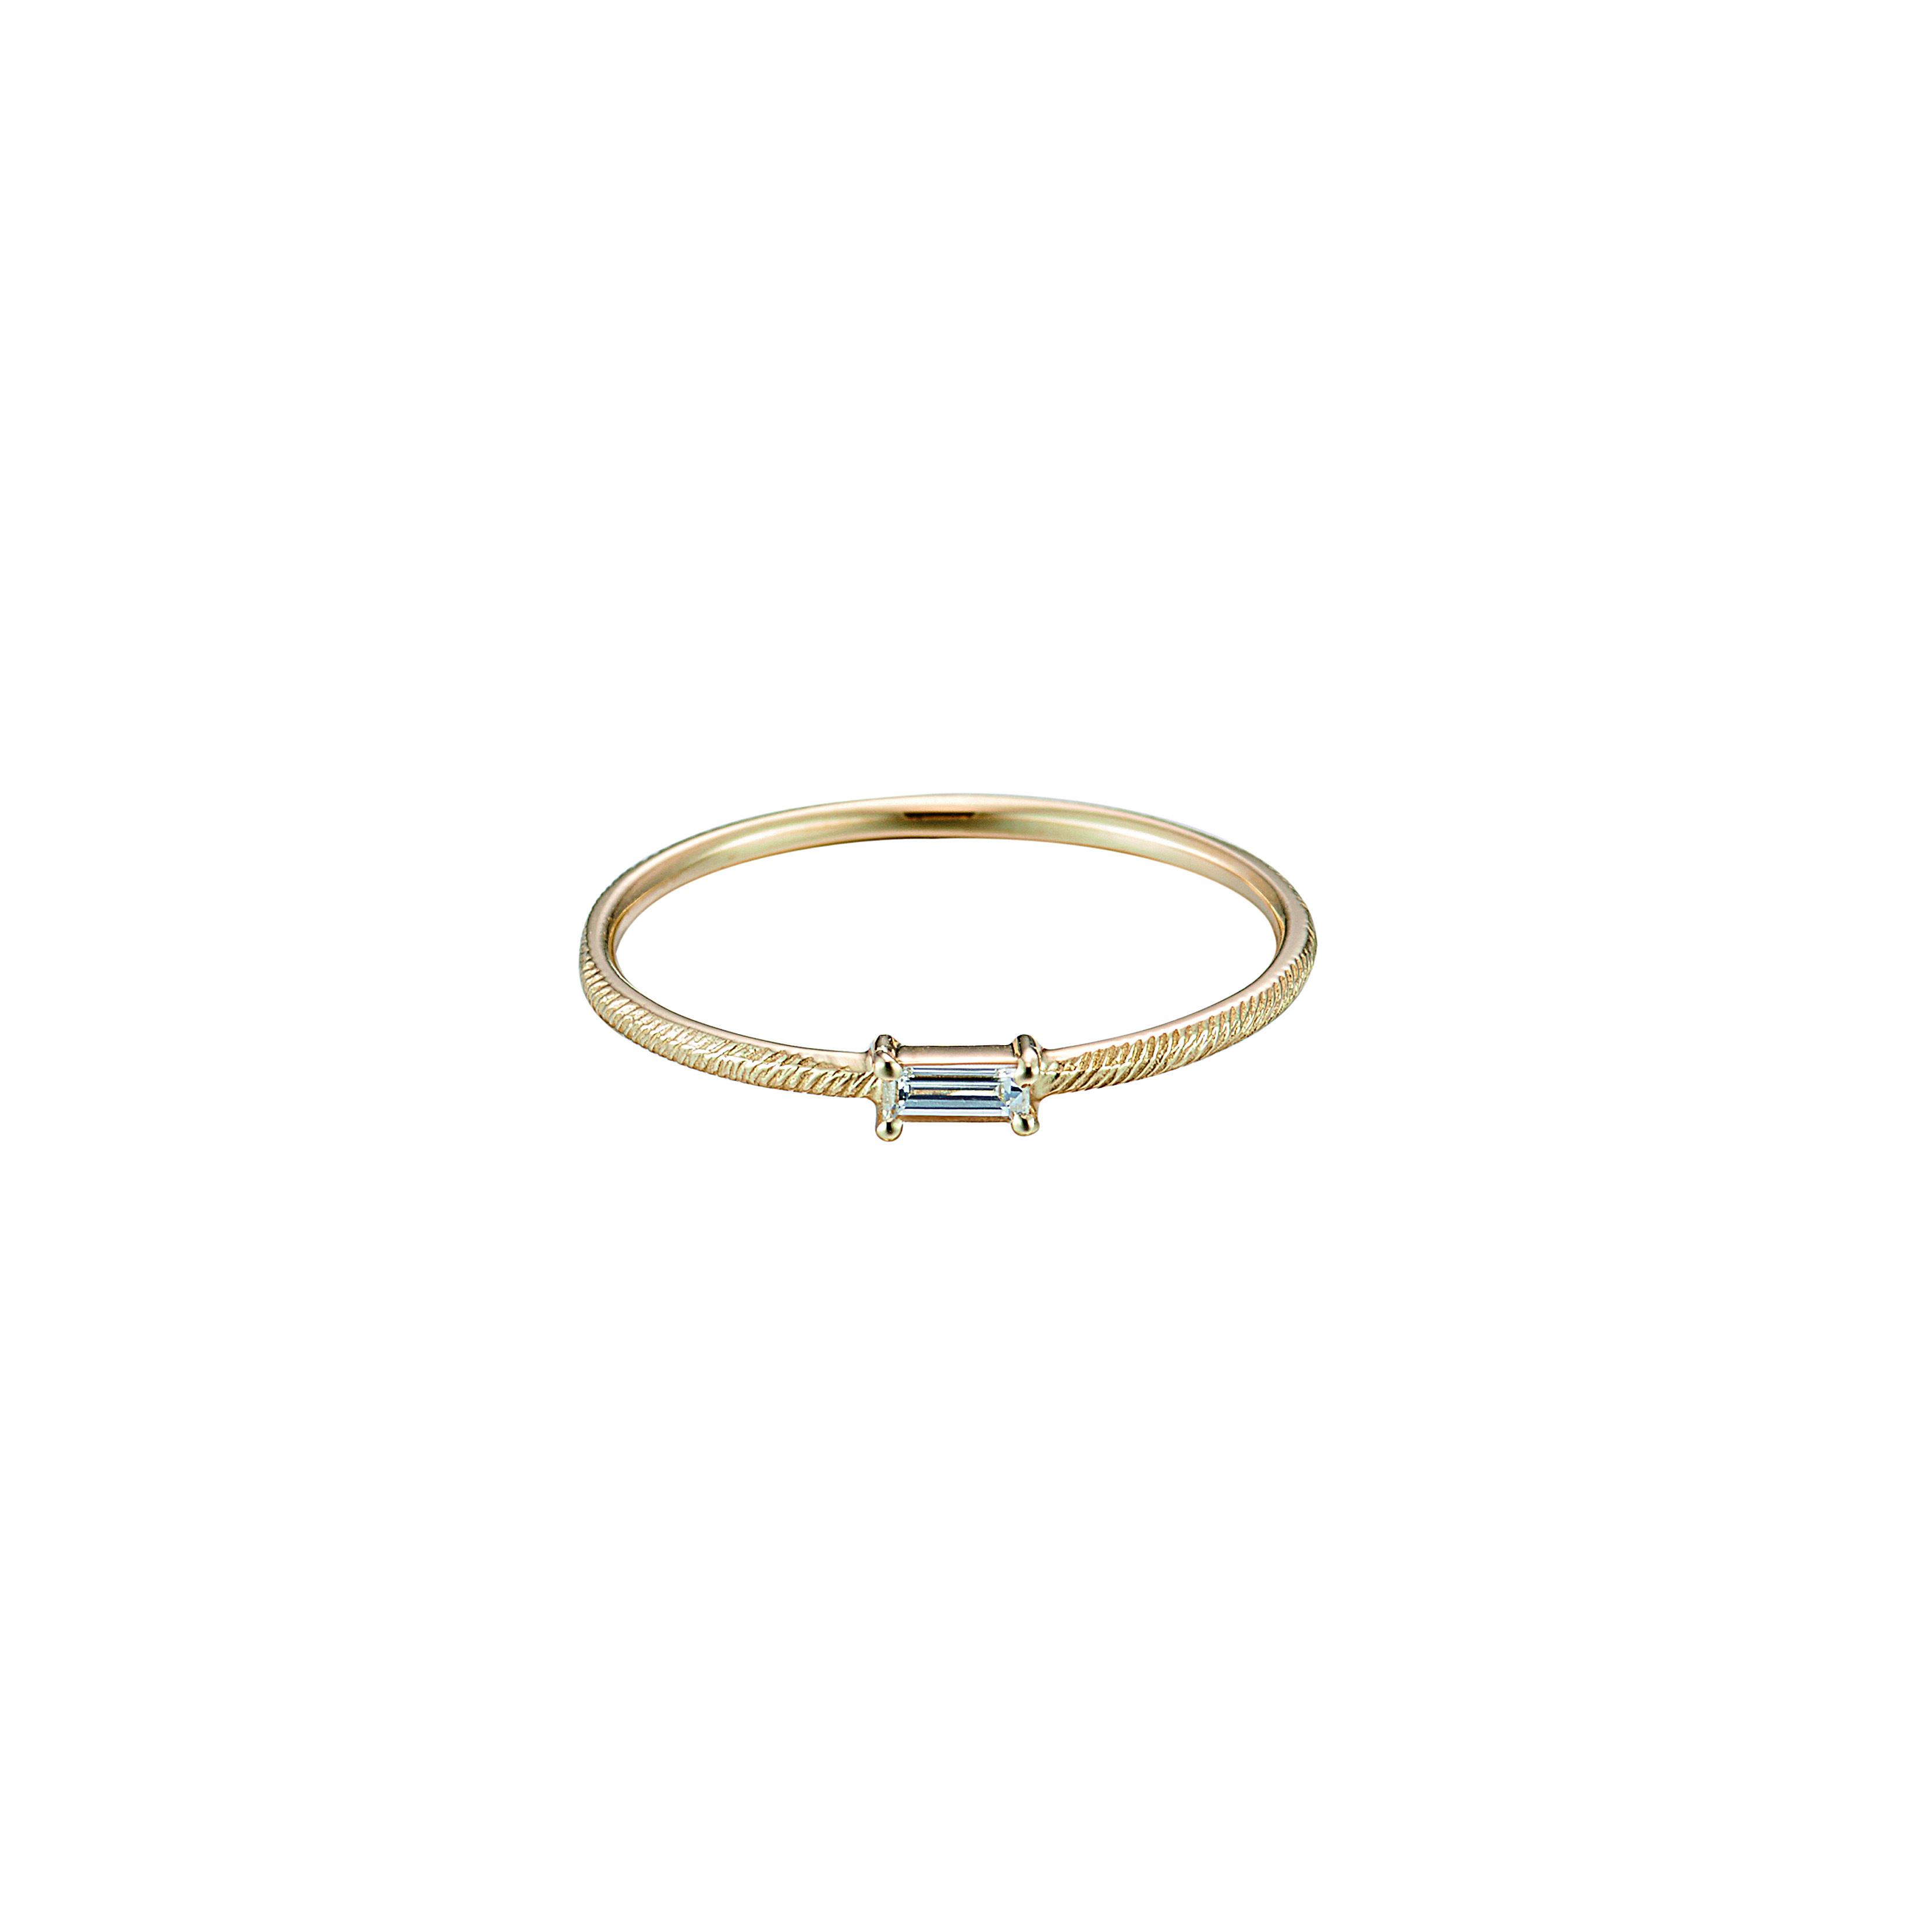 Baguette Cut Diamond Ring / K18YG